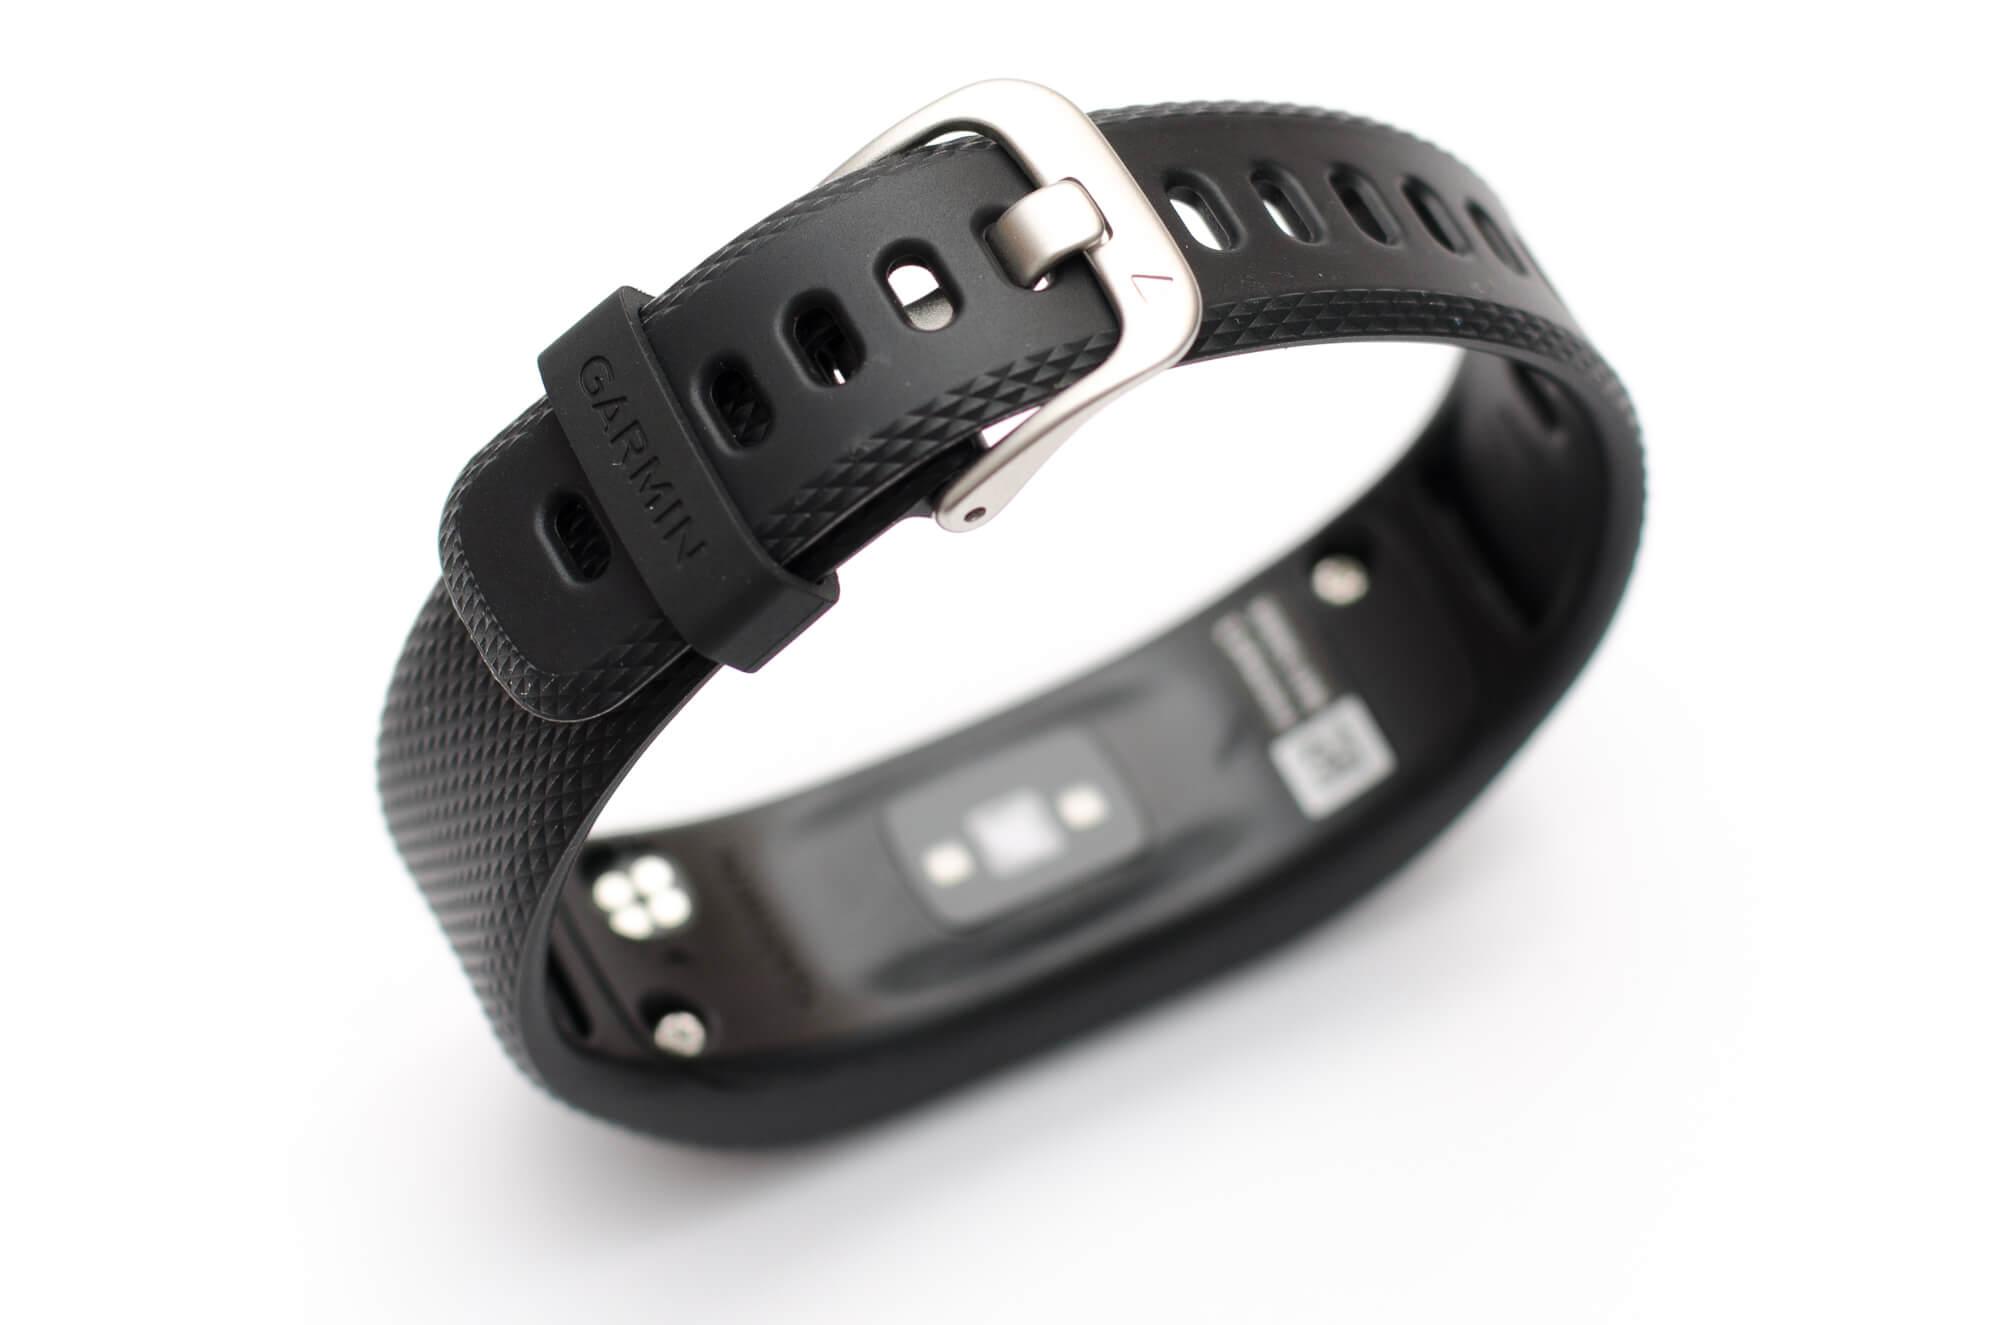 Garmin vivosmart 3 - Verschluss des Armbands